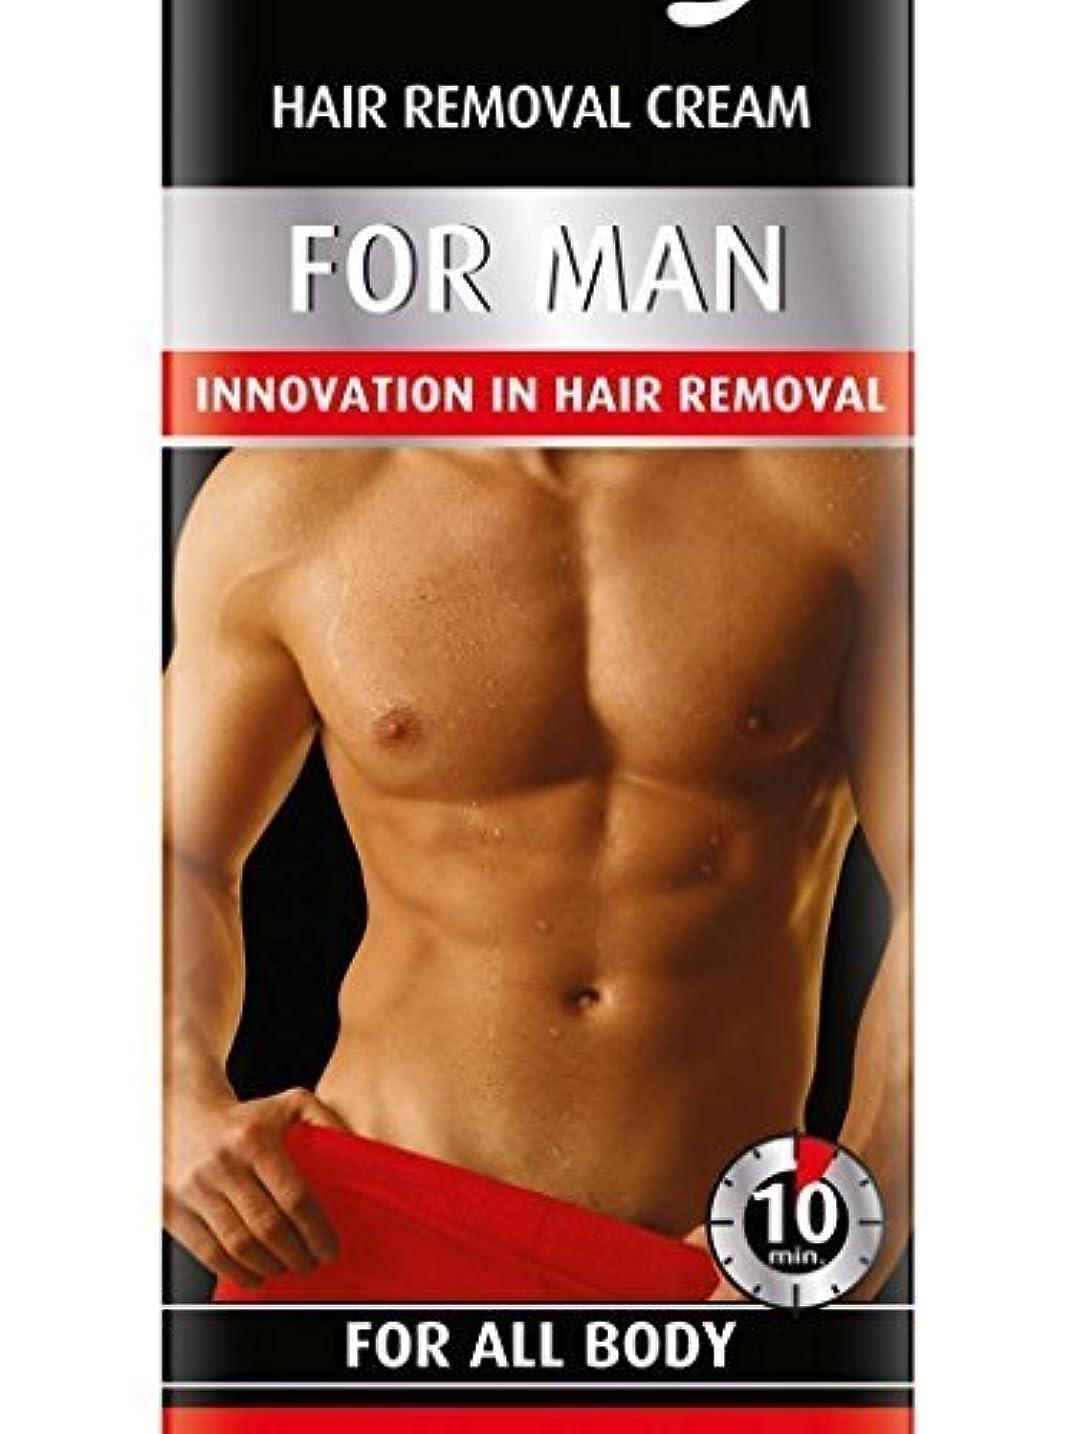 回転させる絶滅句読点Hair Removal Cream For Men For All Body 100ml by Bielenda [並行輸入品]